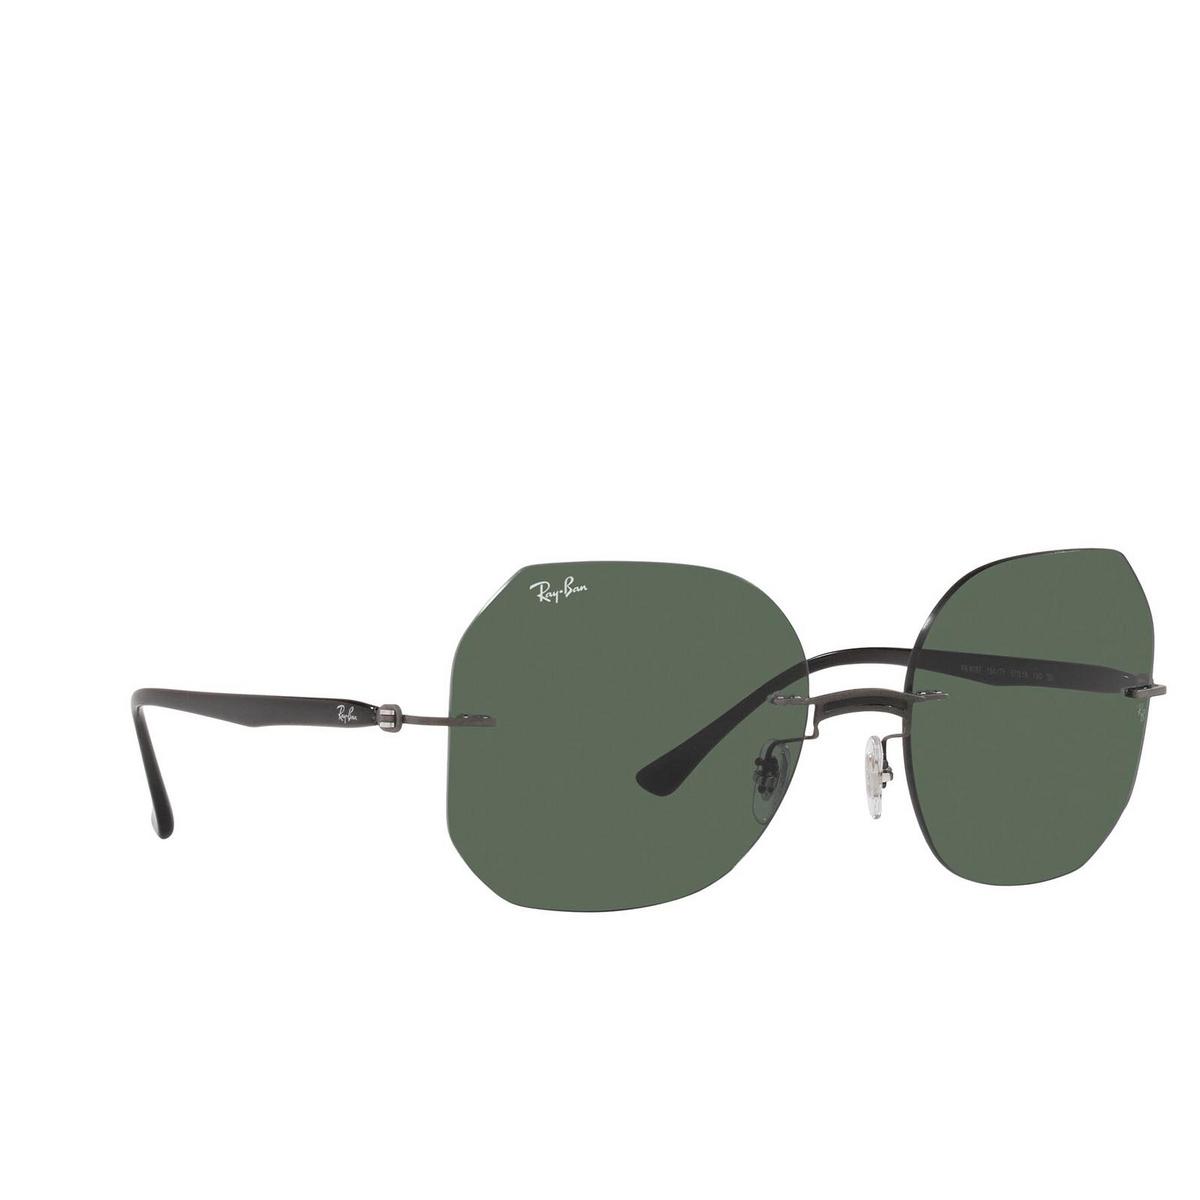 Ray-Ban® Irregular Sunglasses: RB8067 color Black On Sanding Gunmetal 154/71 - 2/3.